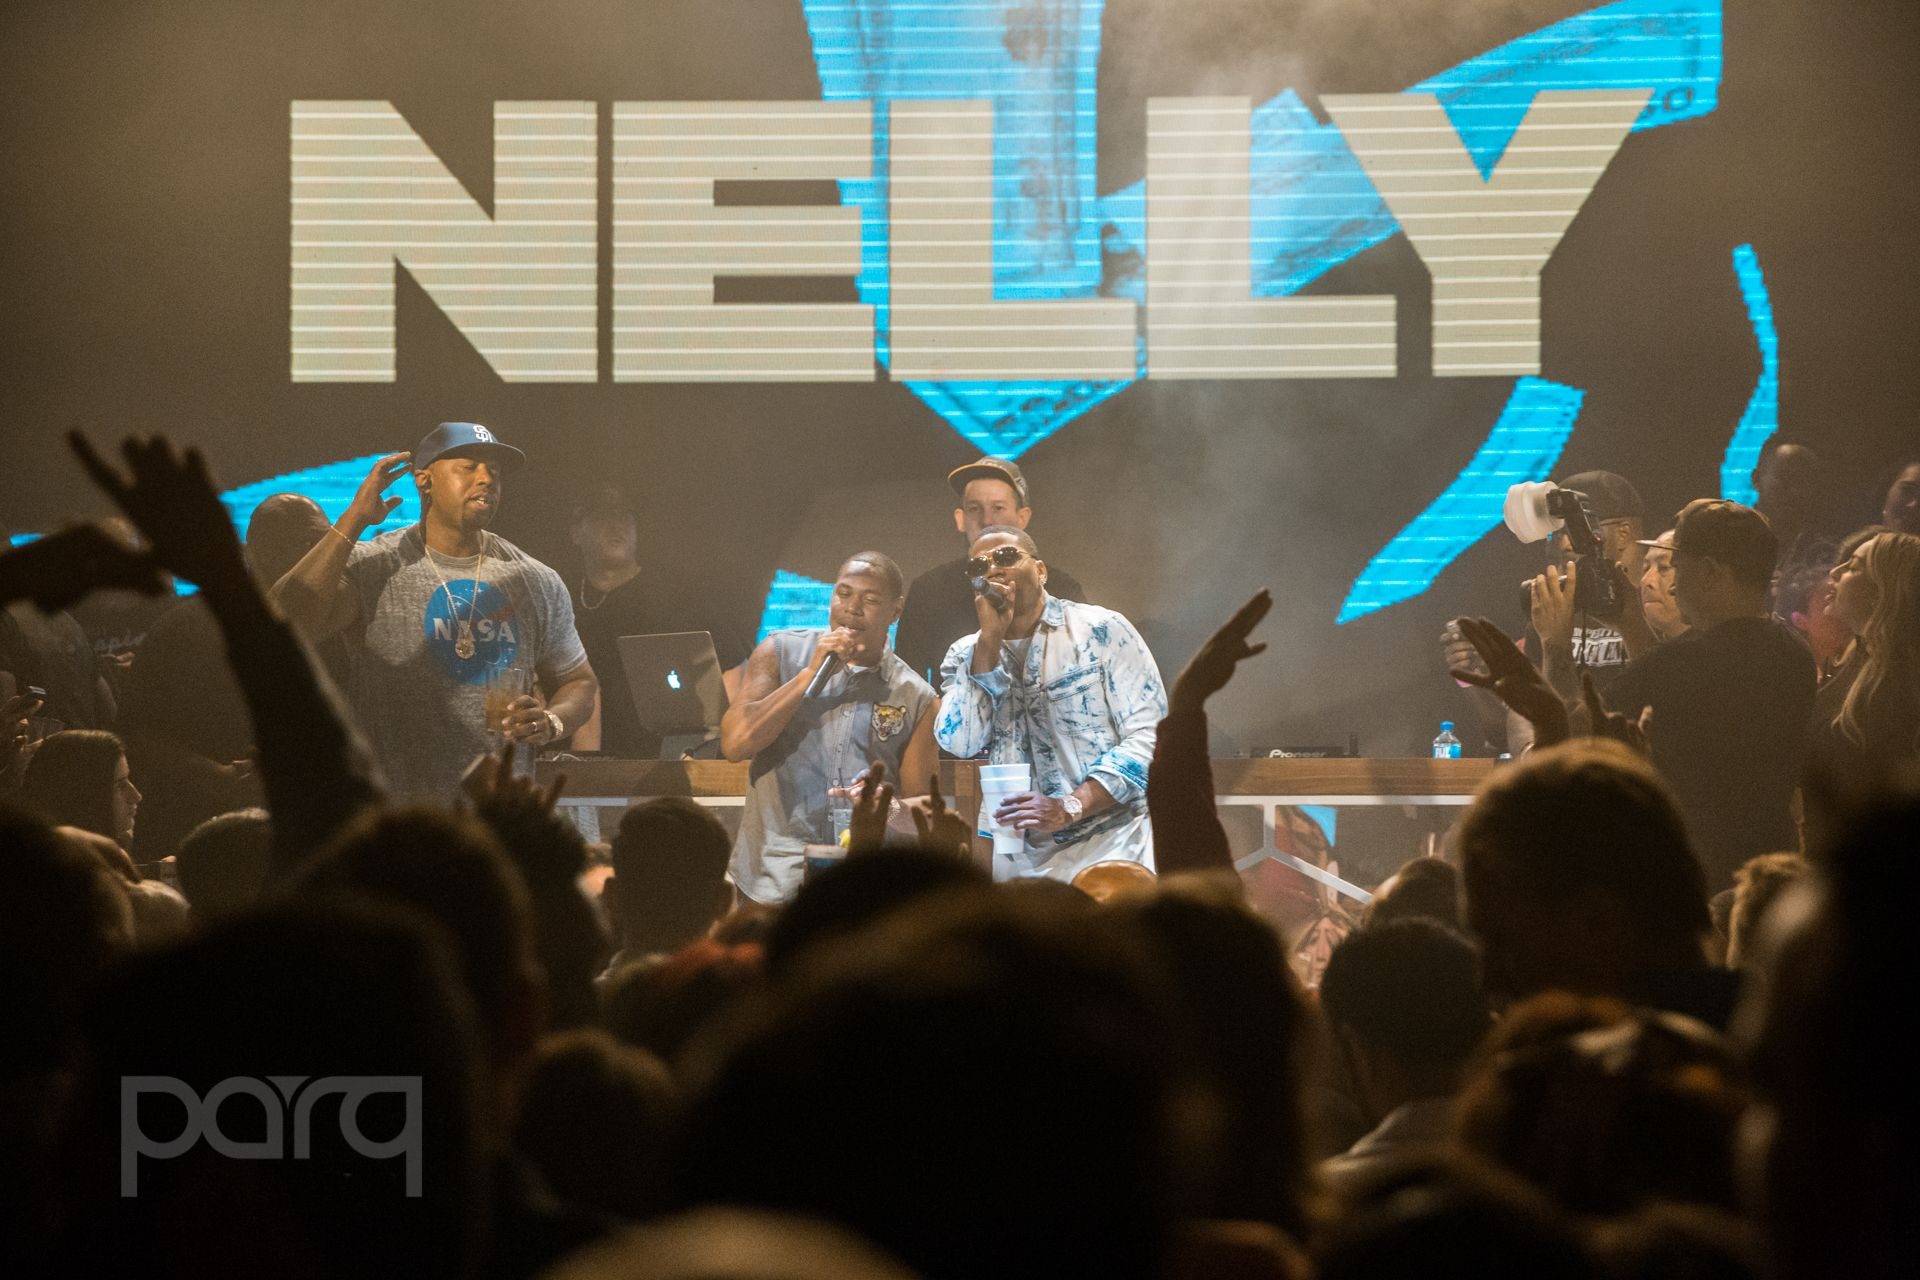 09.09.17 Parq - Nelly-44.jpg